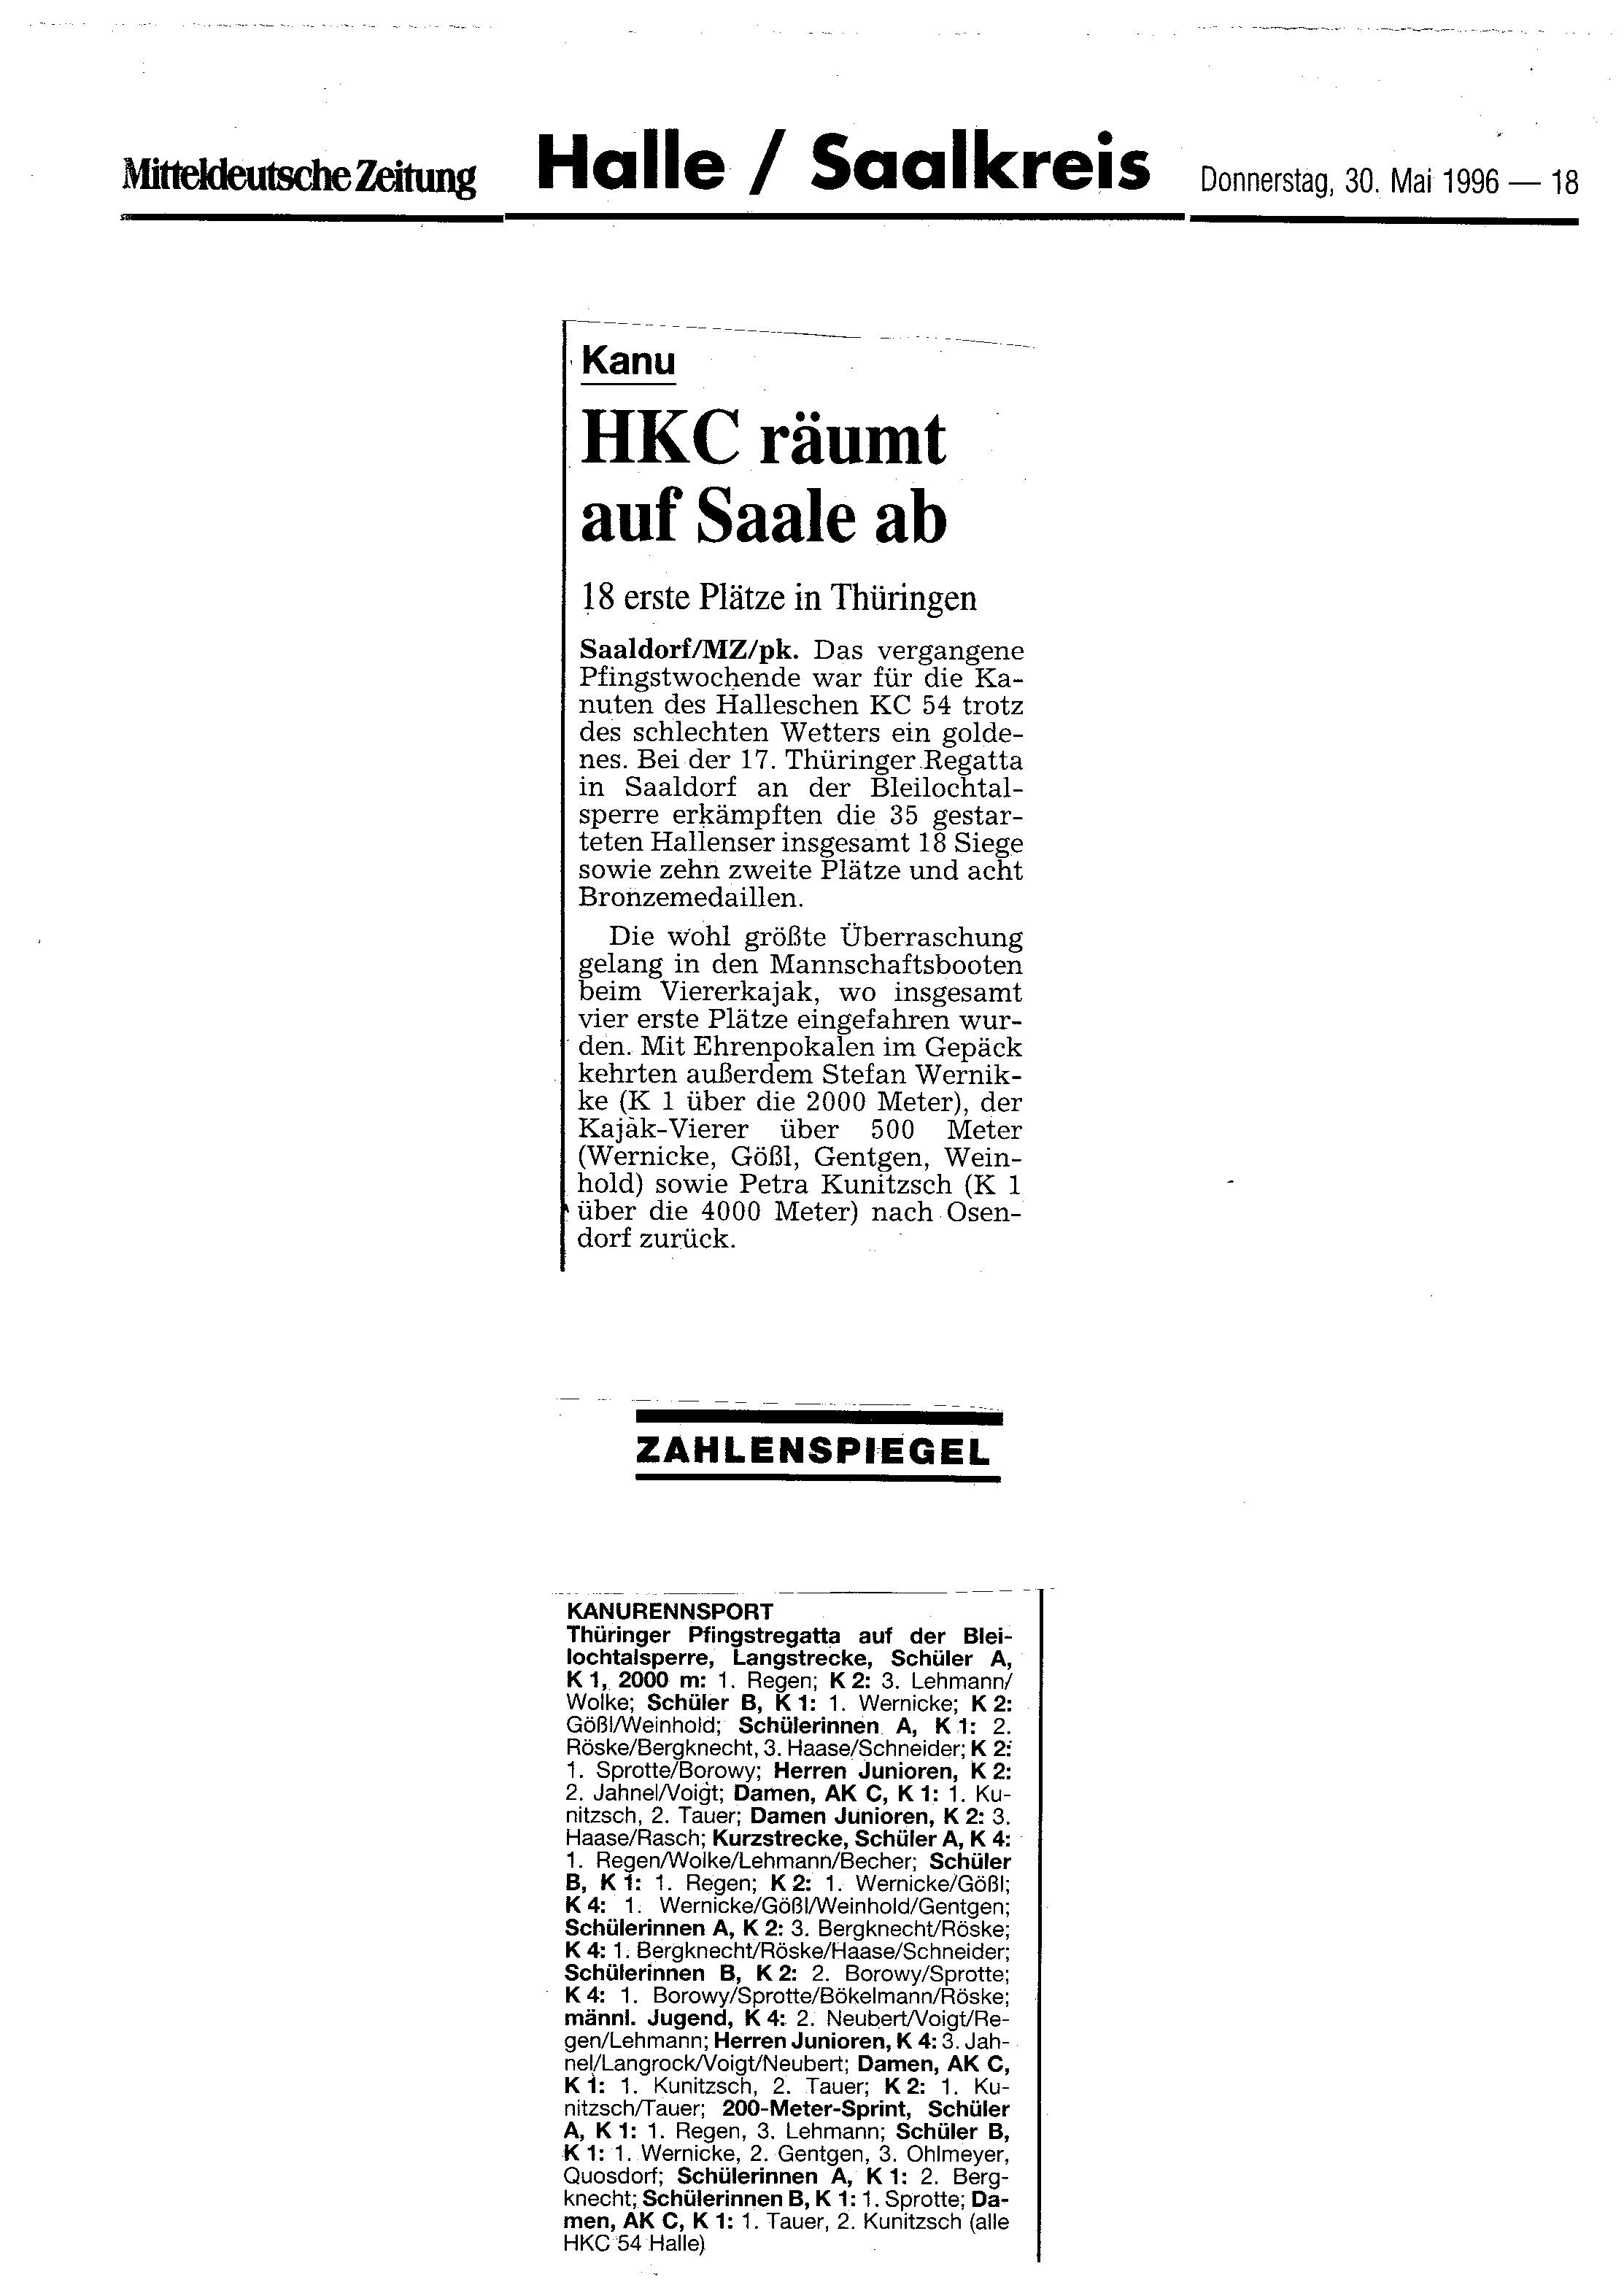 1996-05-30 MZ HKC räumt auf Saale ab